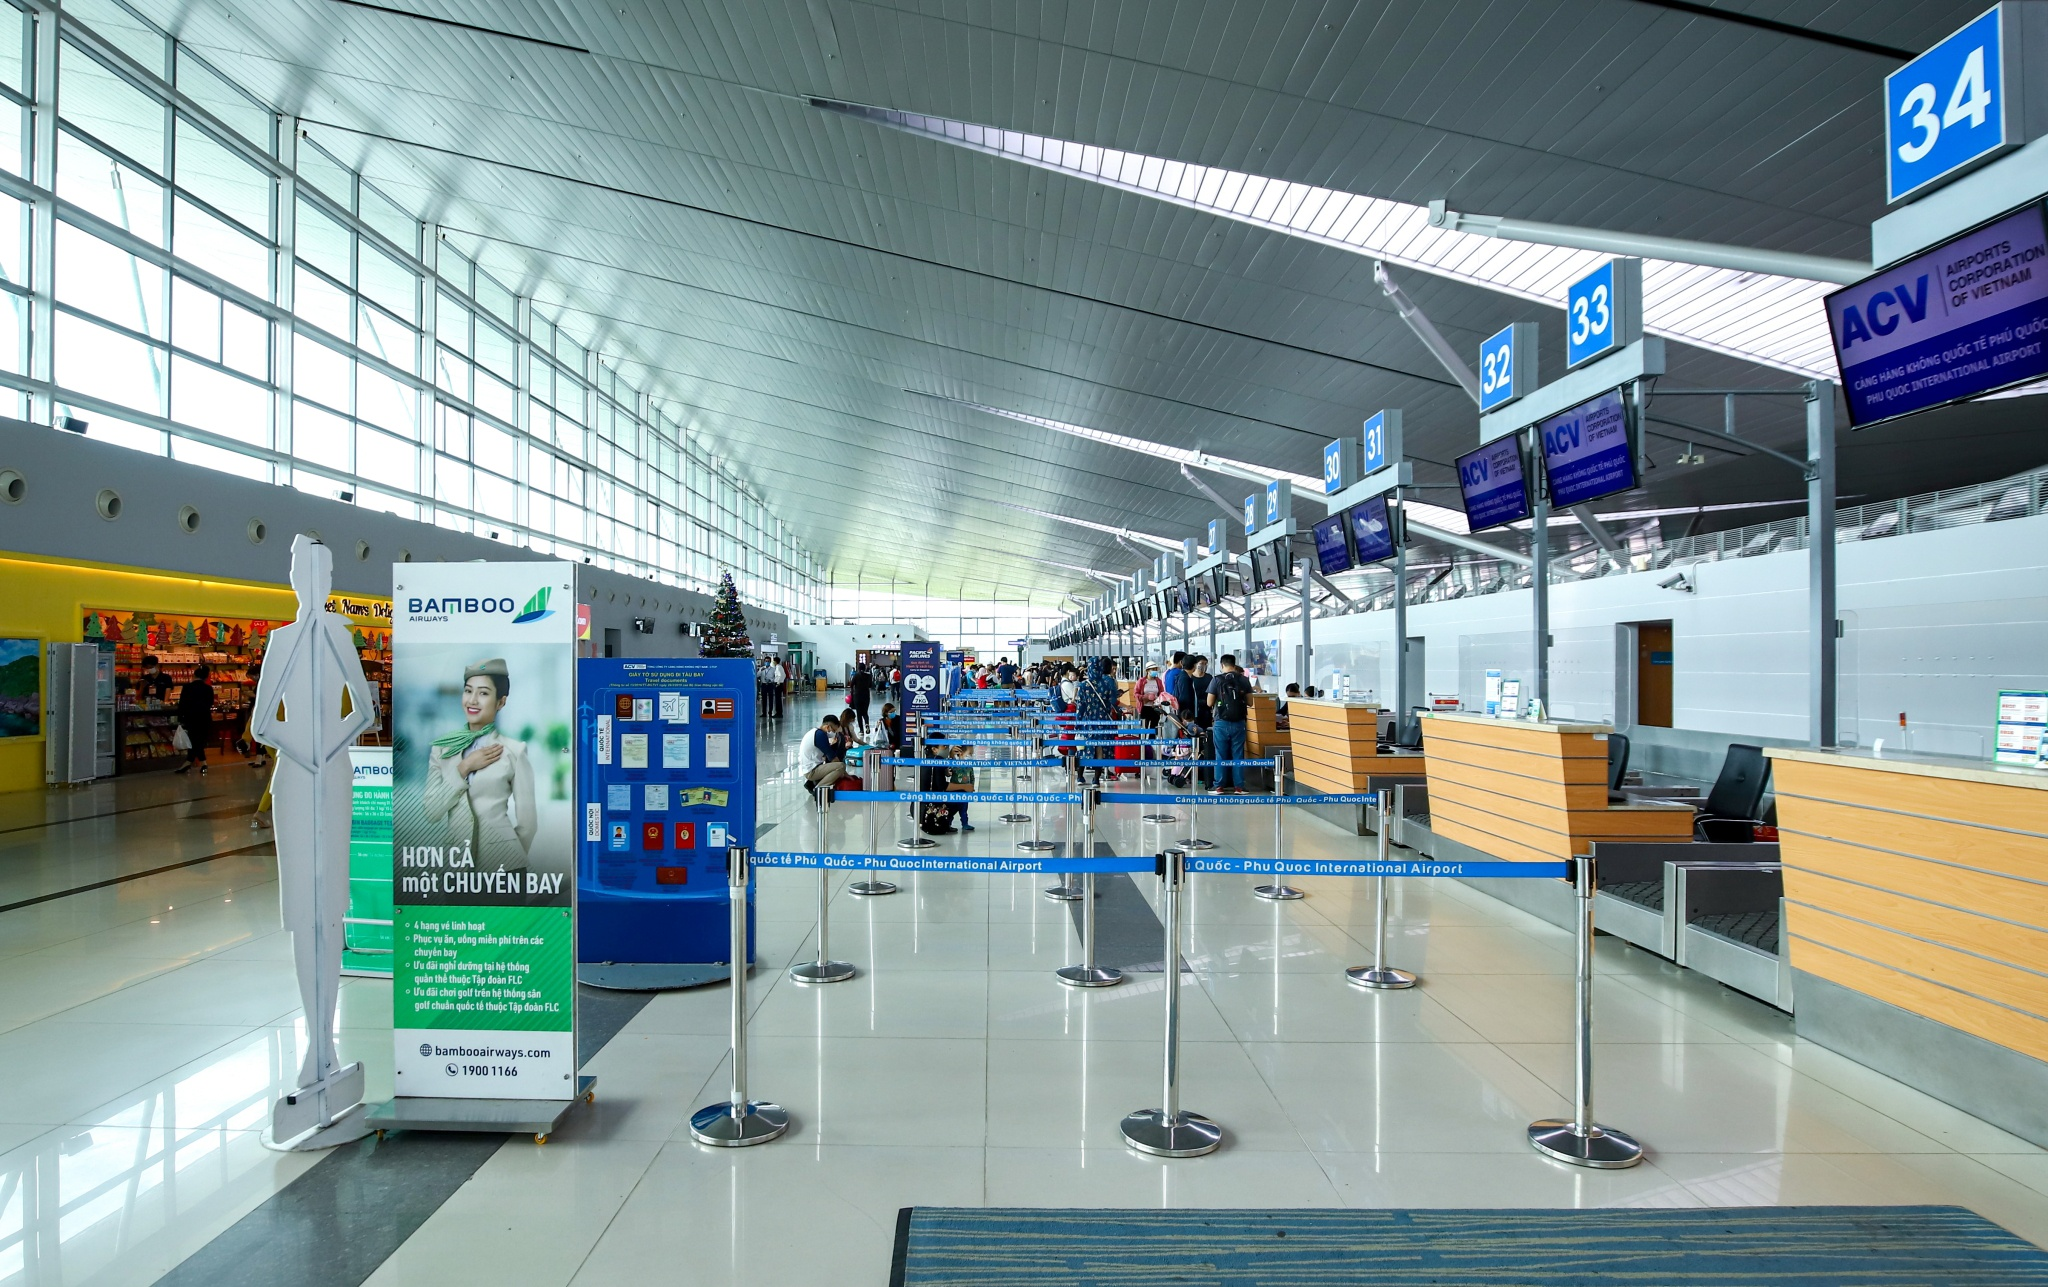 mo cua du lich phu quoc anh 3  - phuquoc_zing107-2 - Tổng cục Du lịch: Đã tính việc xử lý sự cố khi đón khách đến Phú Quốc